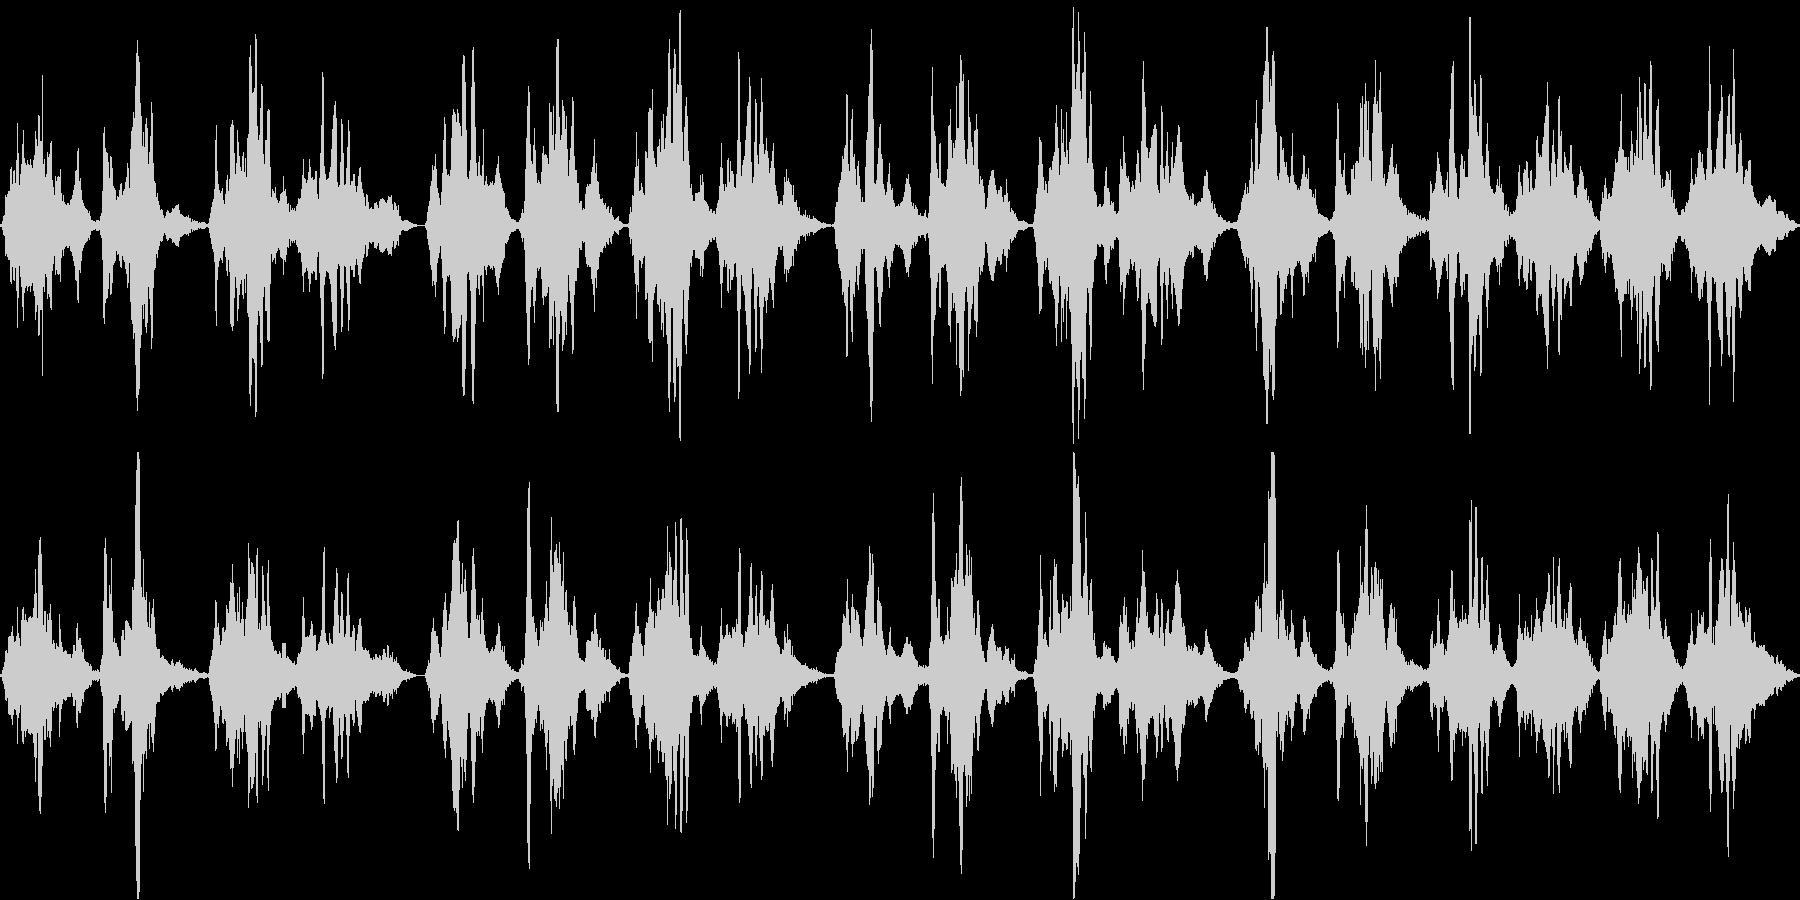 吟遊詩人の幻想的な響き「スカボロフェア」の未再生の波形